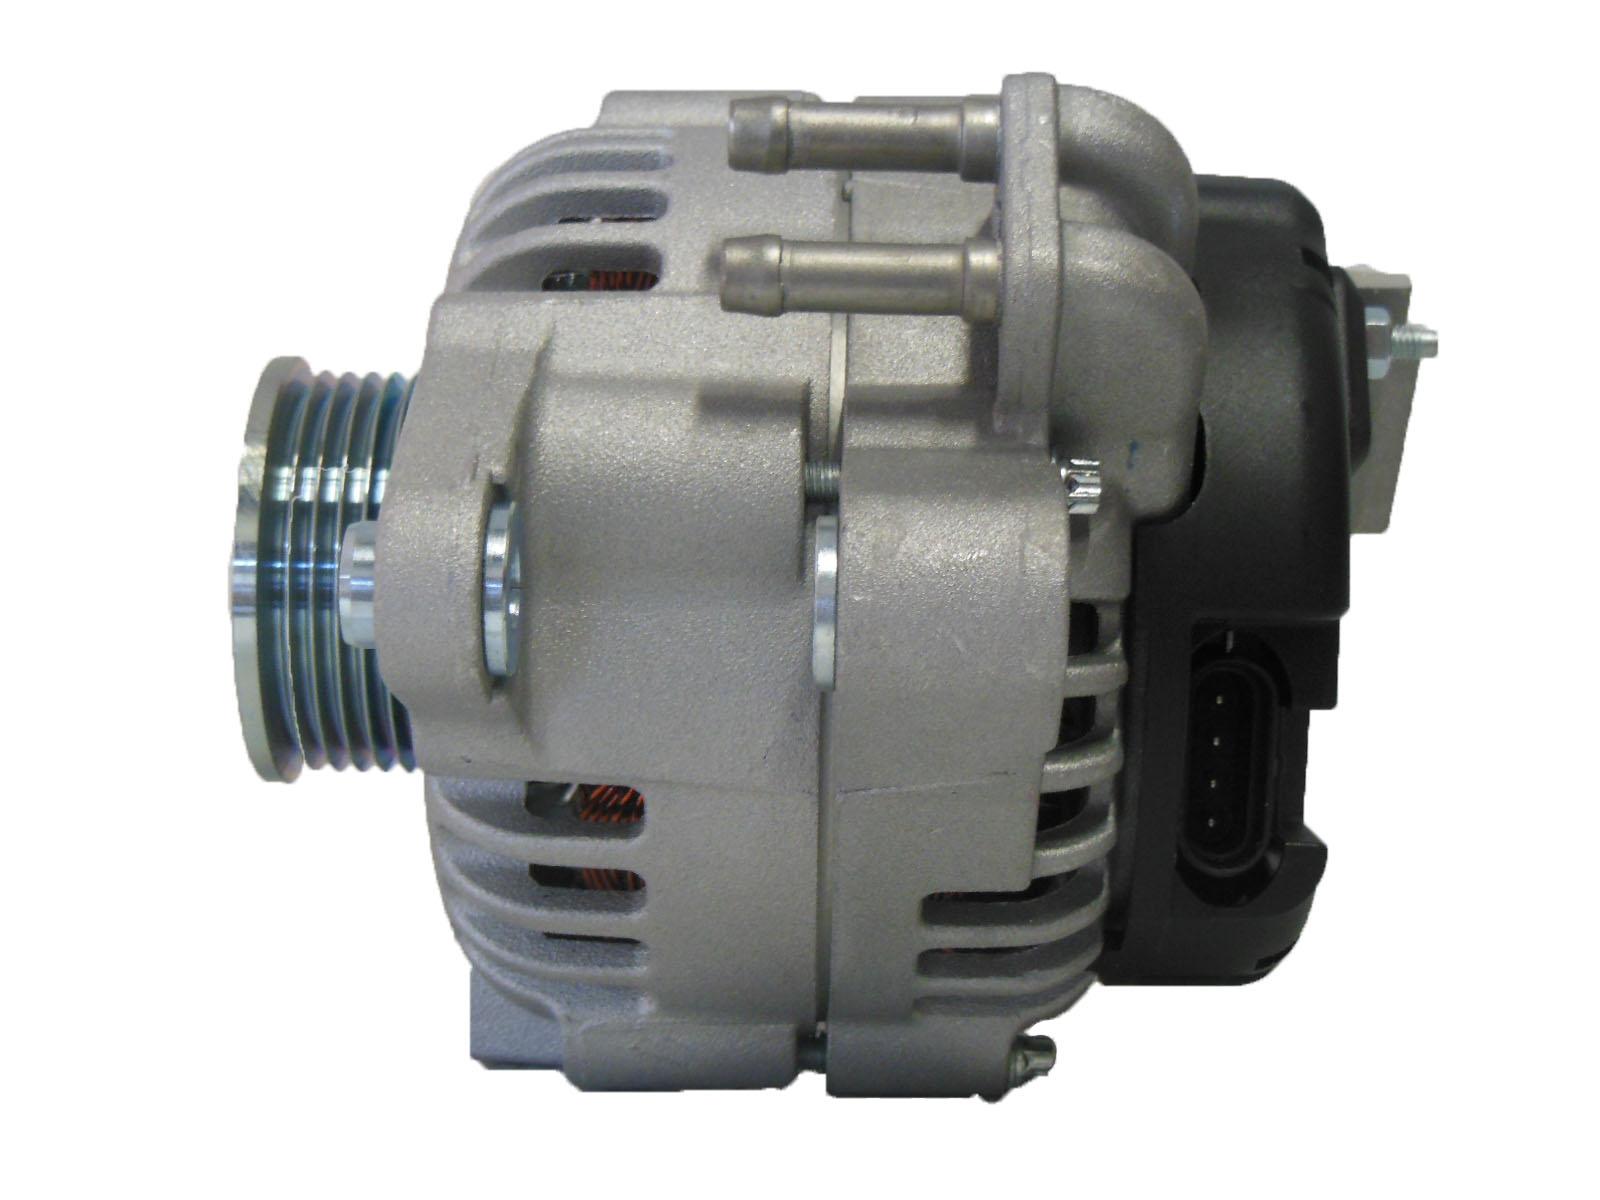 2000 Cadillac Deville Fuel Pump Location Wiring Diagram Photos For